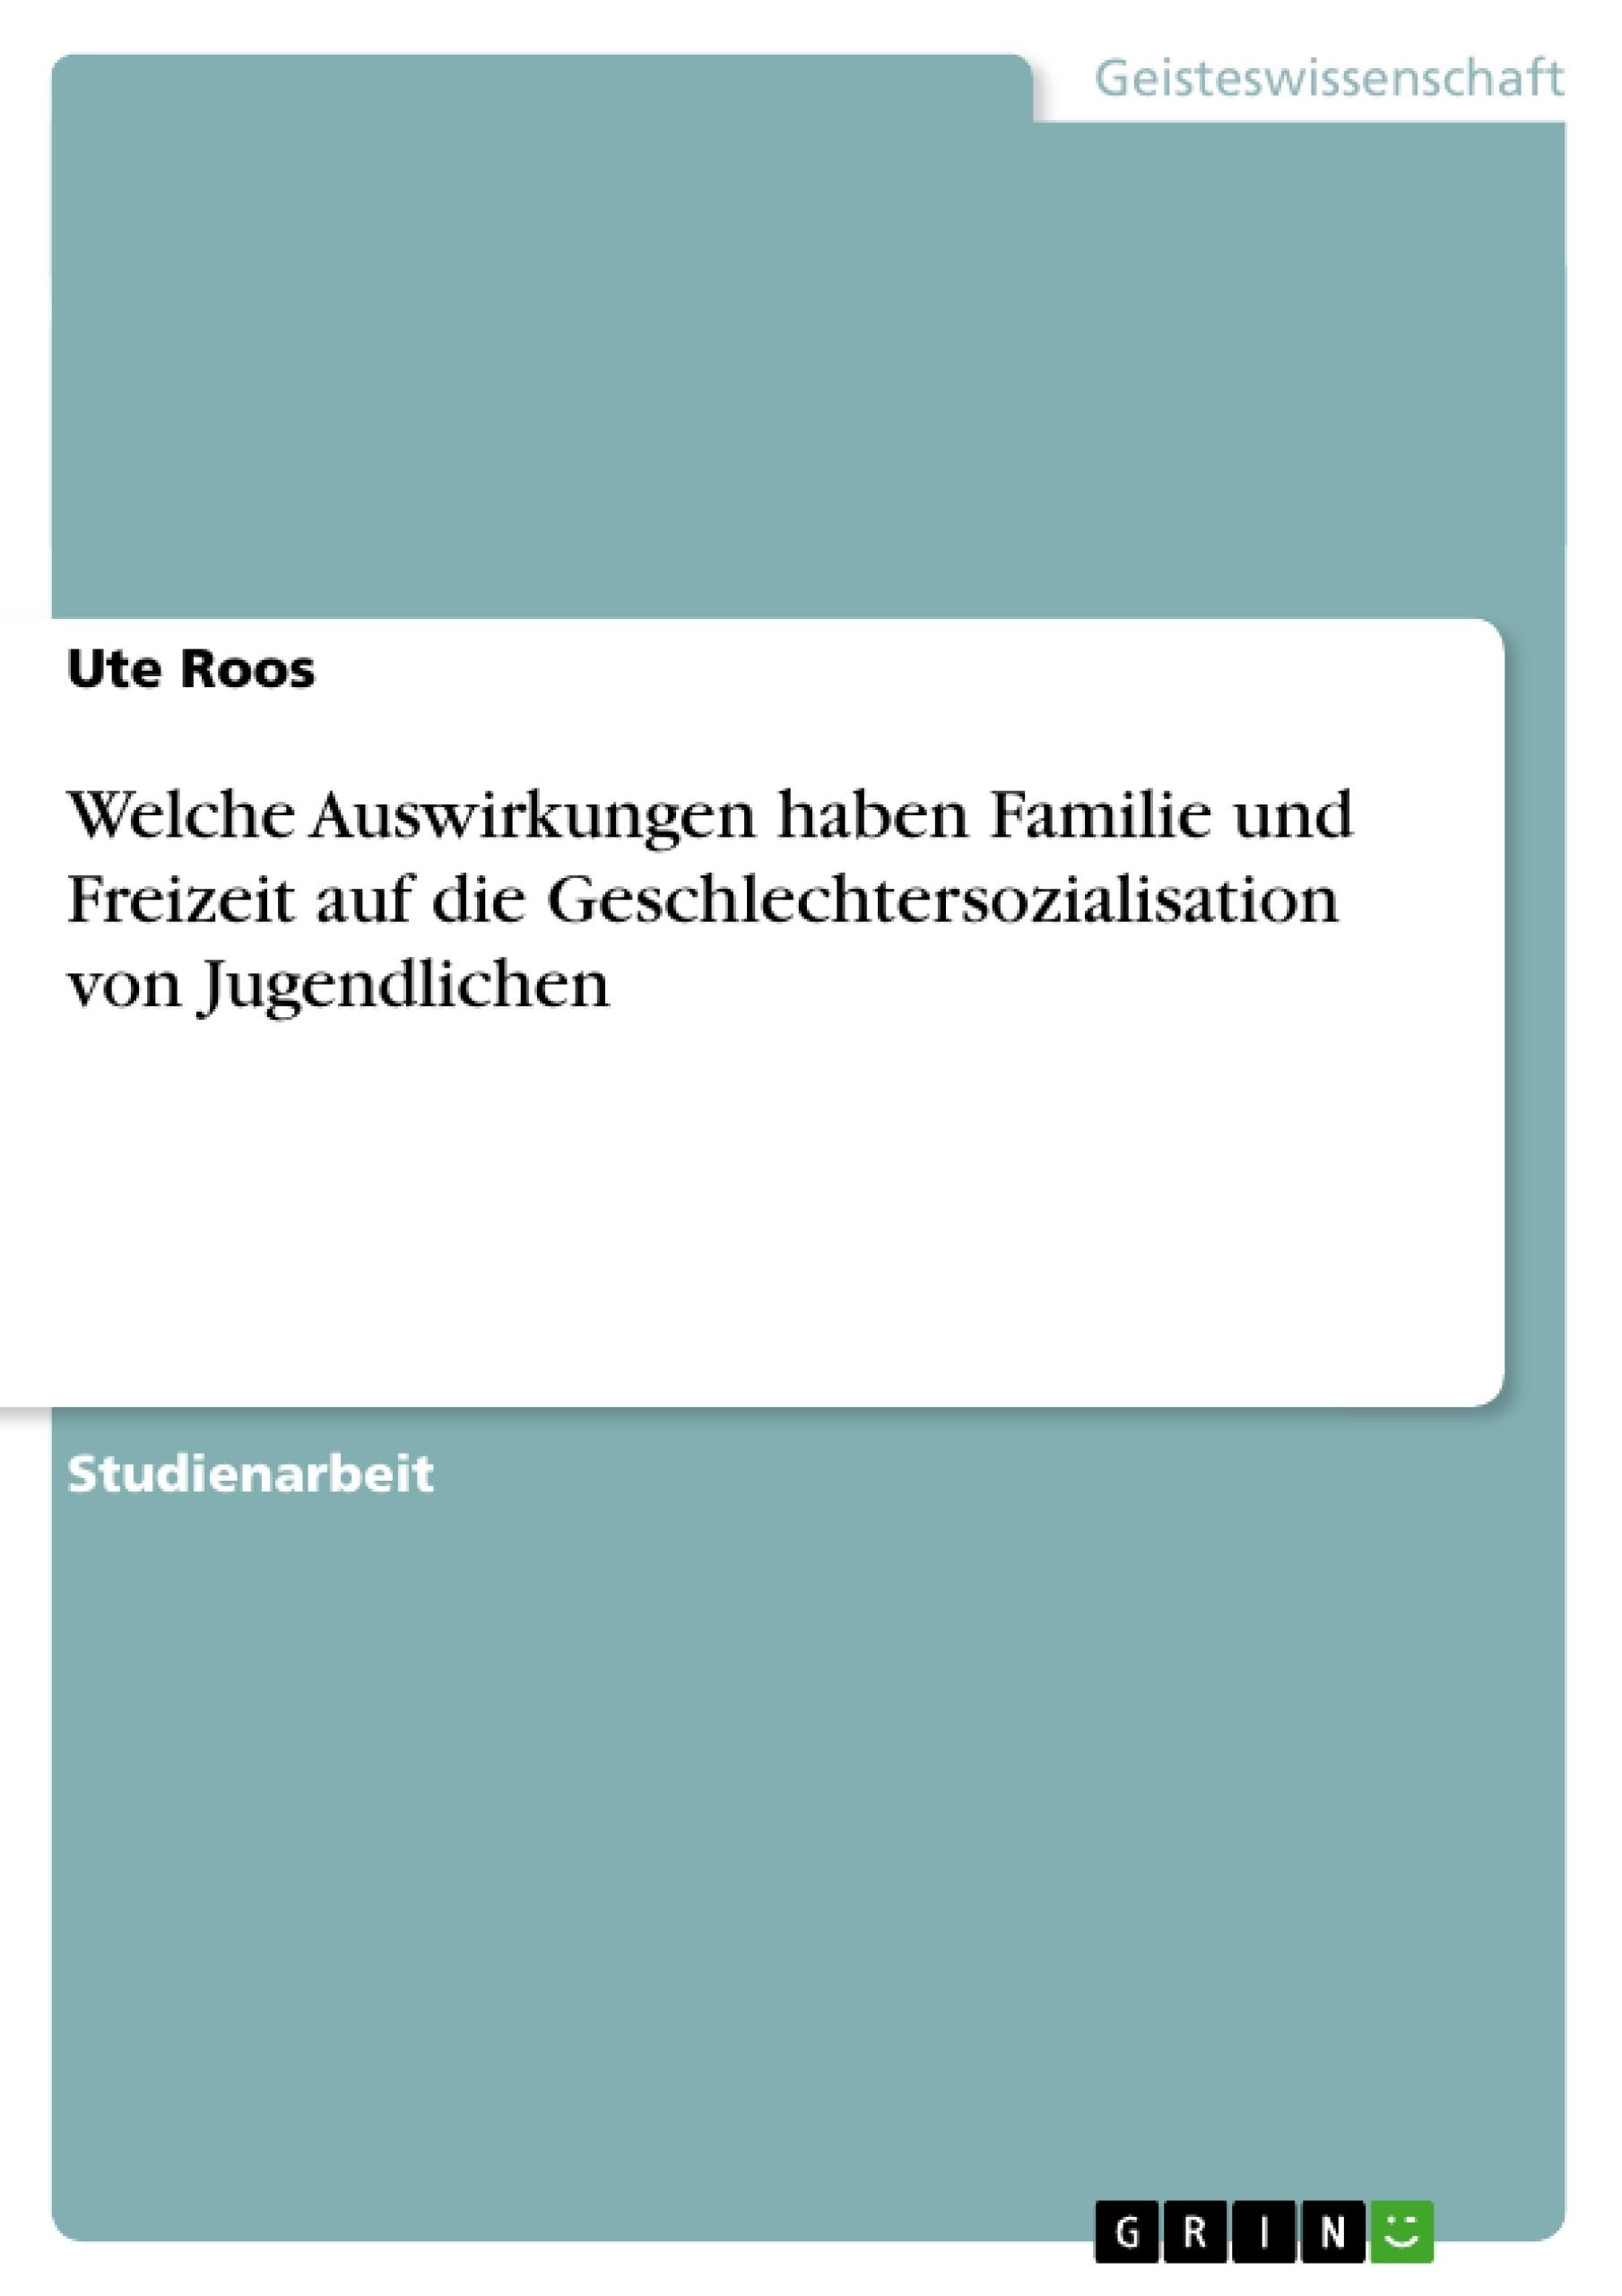 Titel: Welche Auswirkungen haben Familie und Freizeit auf die Geschlechtersozialisation von Jugendlichen